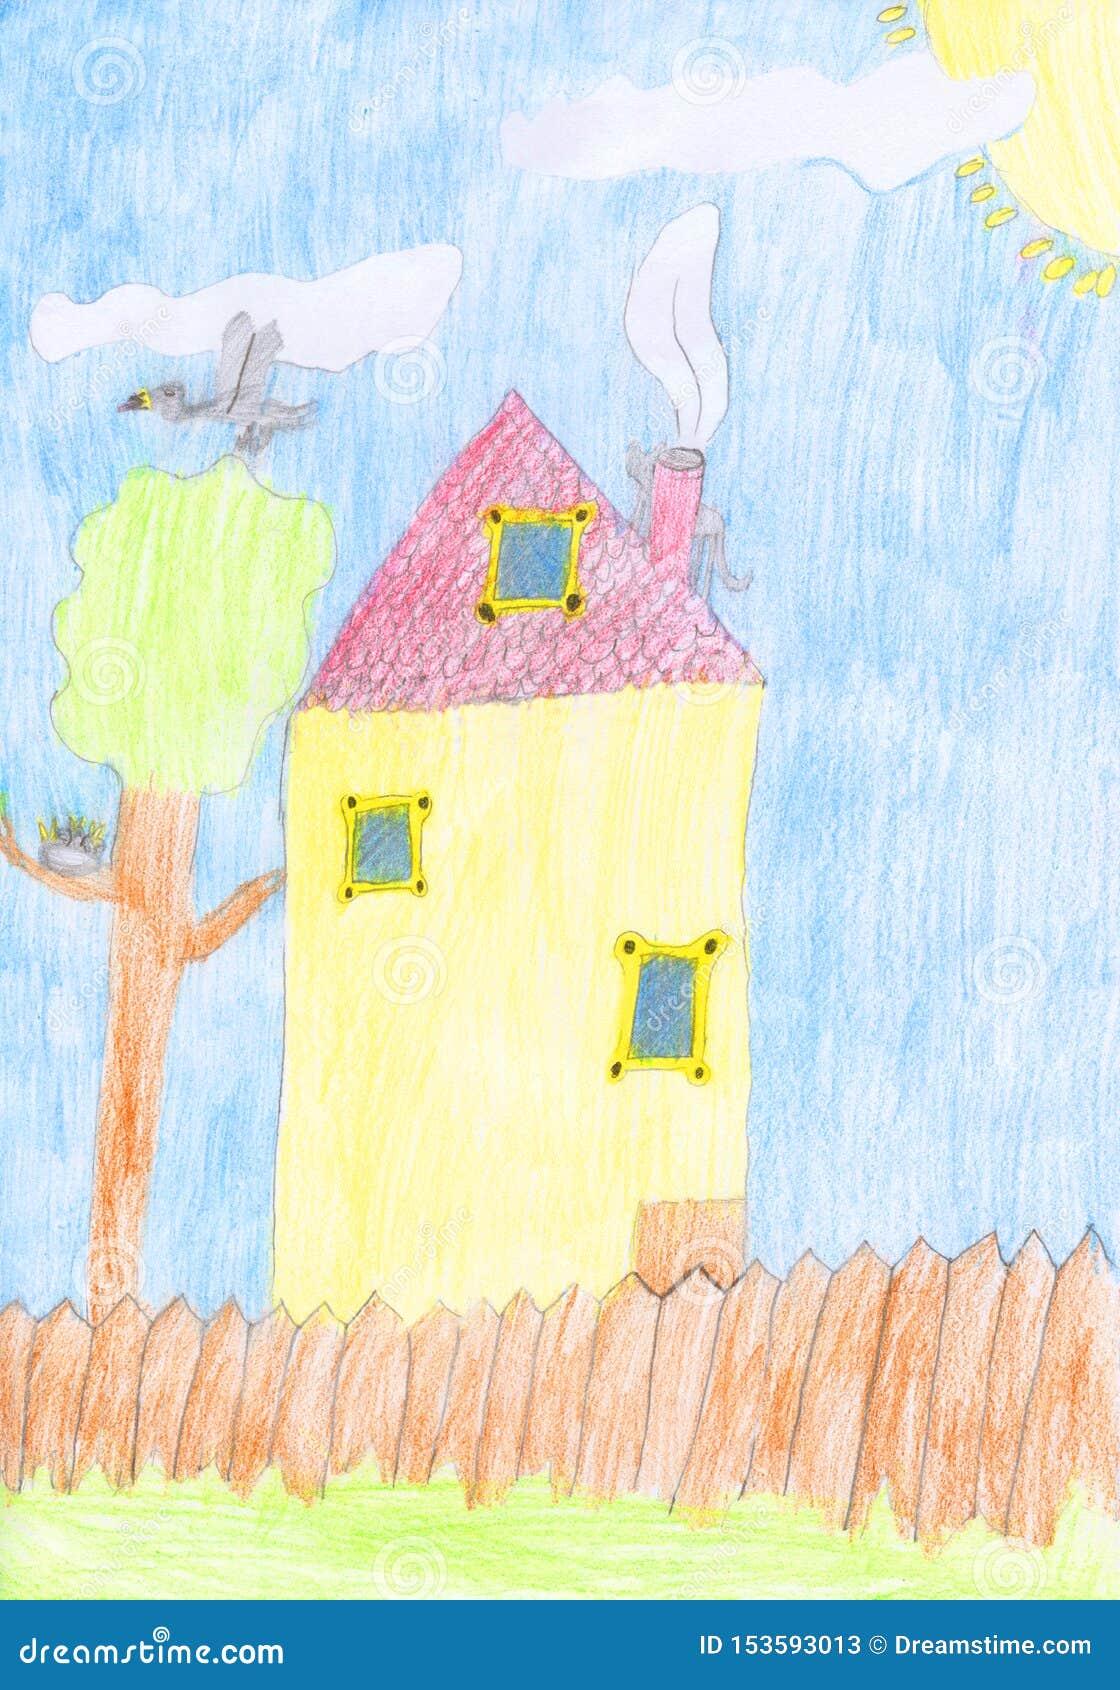 Le dessin au crayon coloré par enfants d une maison avec la barrière, l arbre et les oiseaux nichent